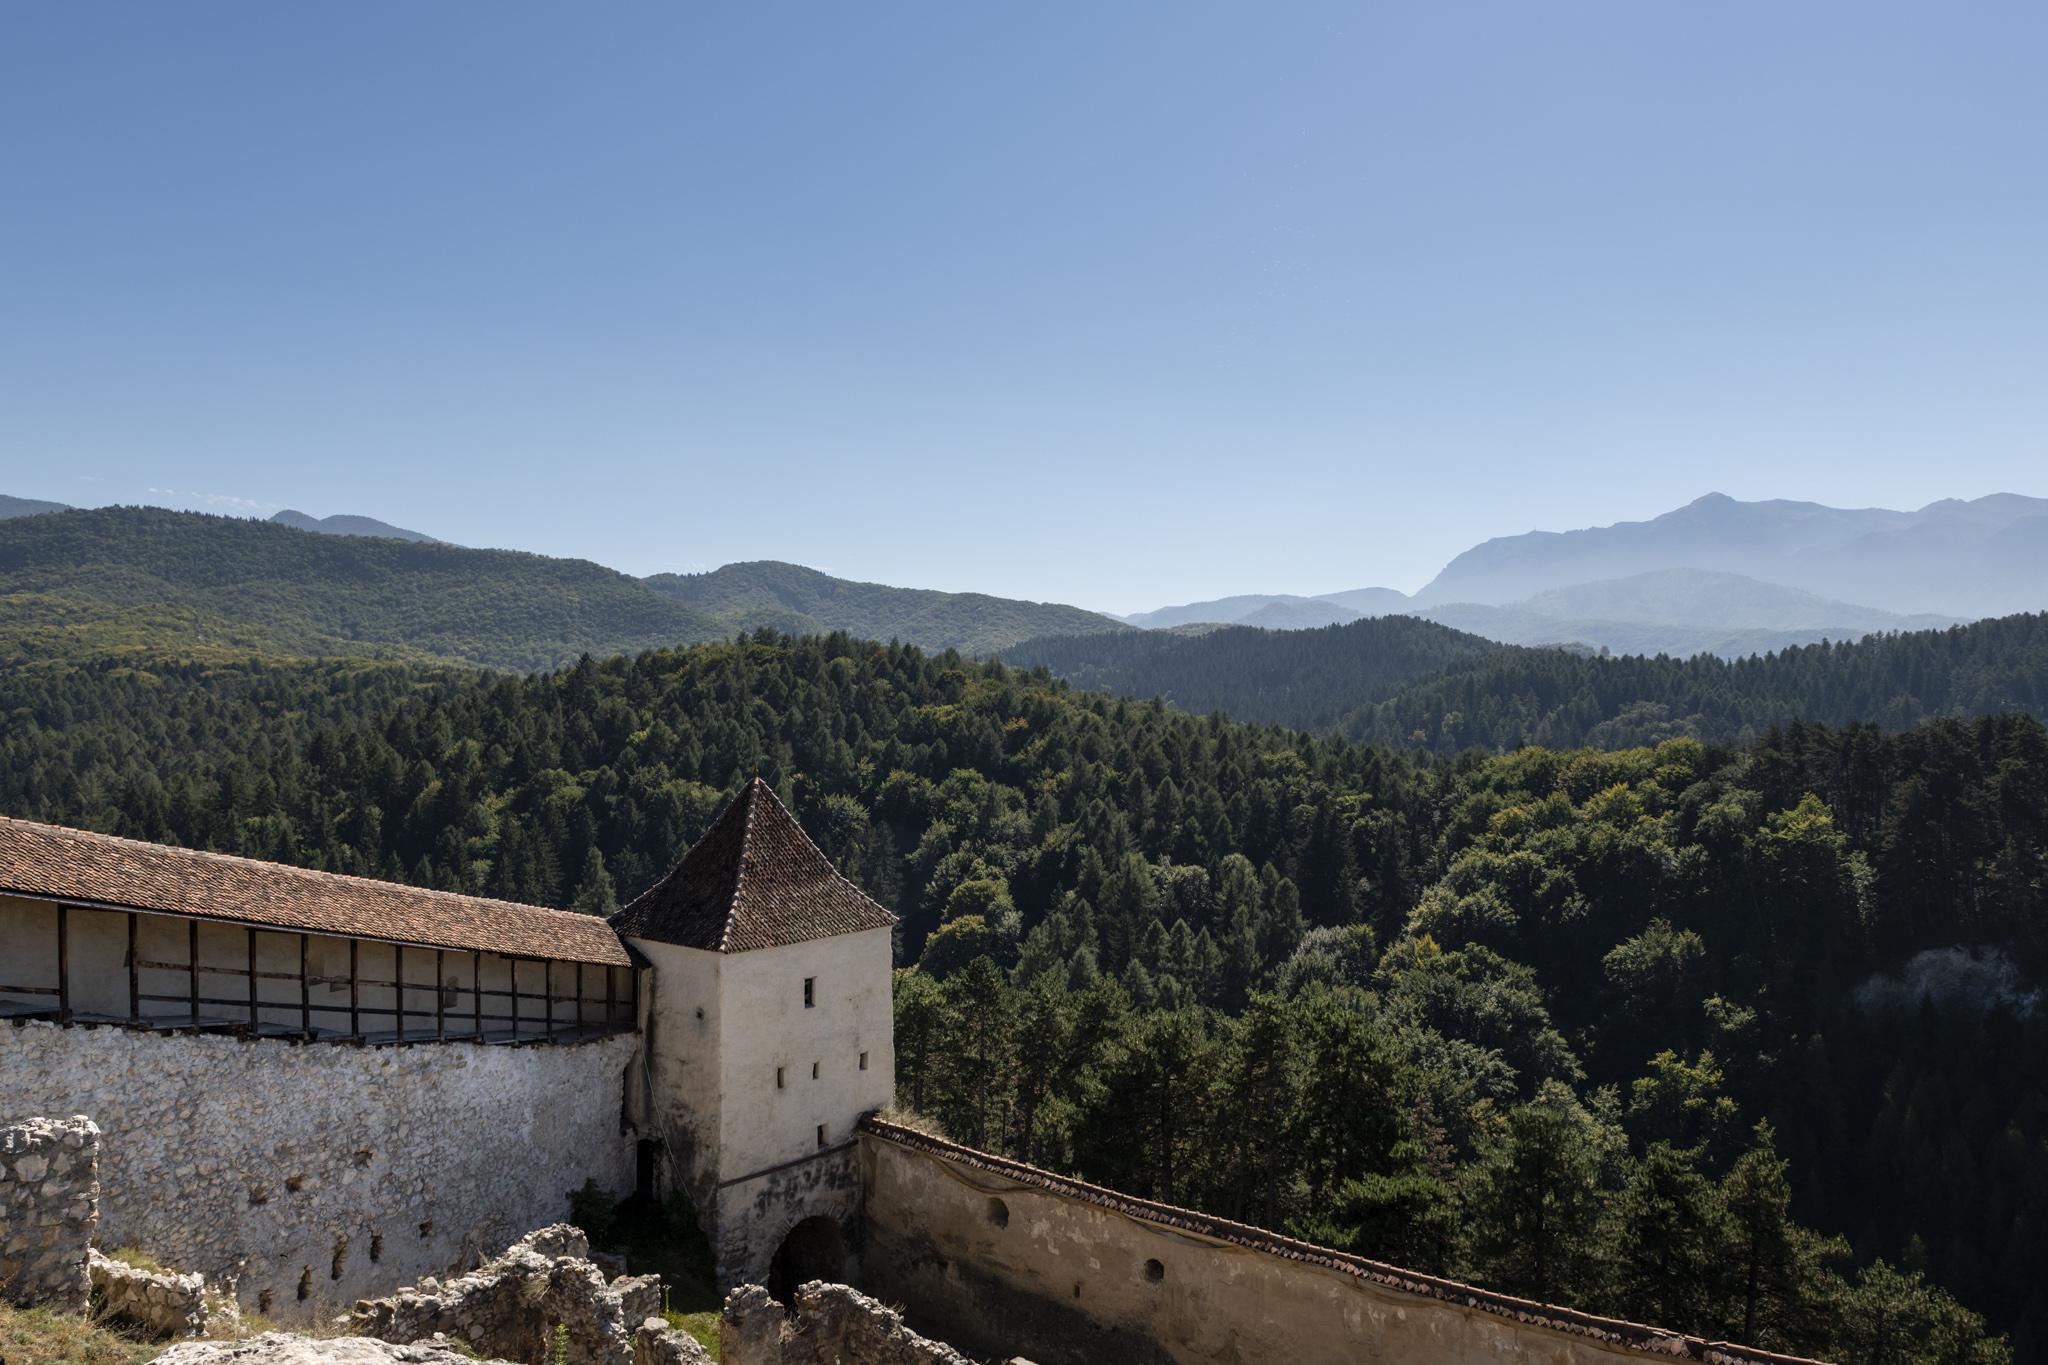 Râşnov / Burg Rosenau / Reisebericht Rumänien